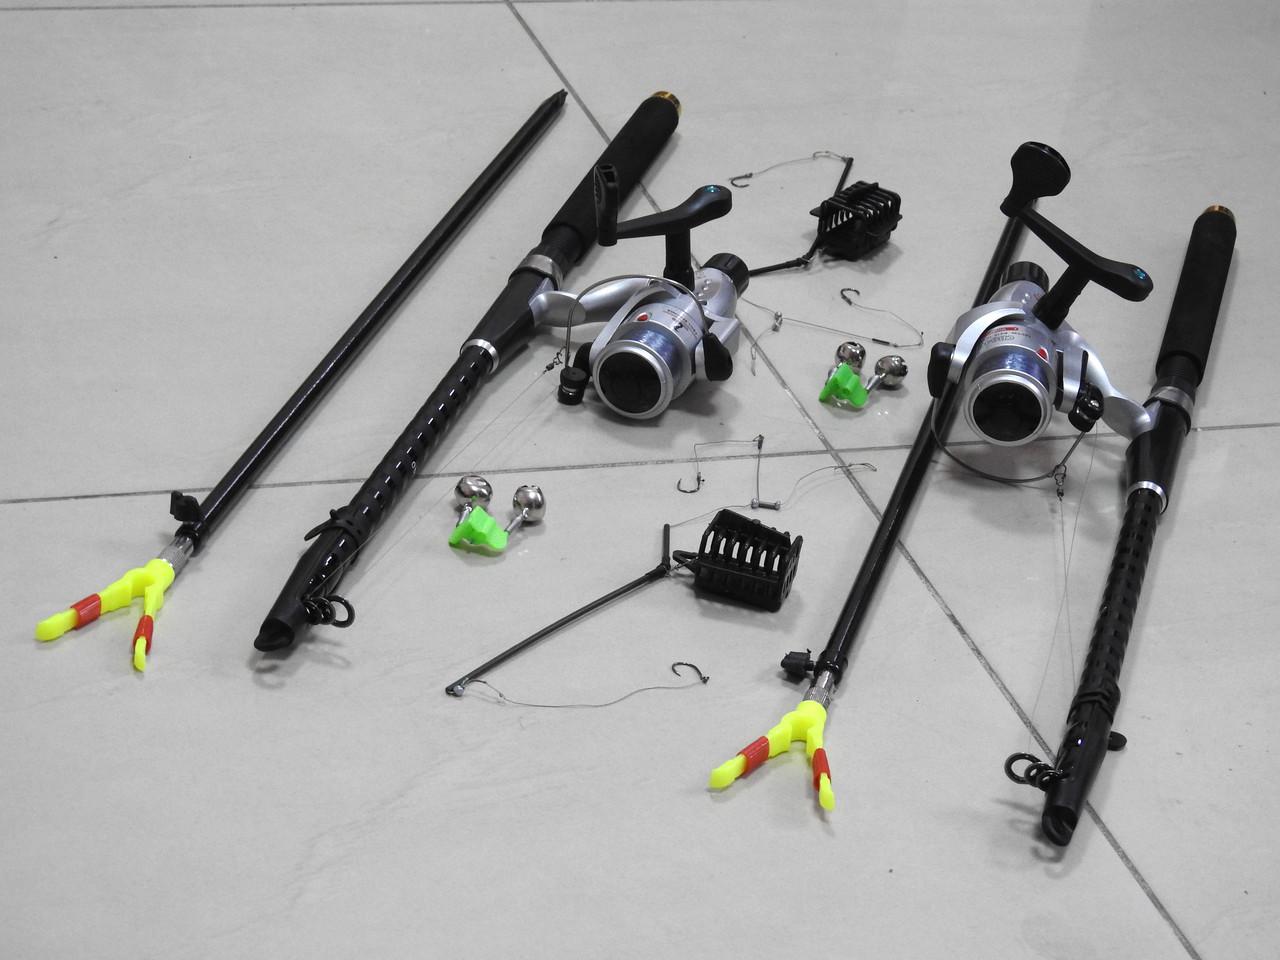 Спиннинги Armor 2,7м с катушками CB640 в Сборе 2шт Универсальный рыболовный набор + ПОДАРОК